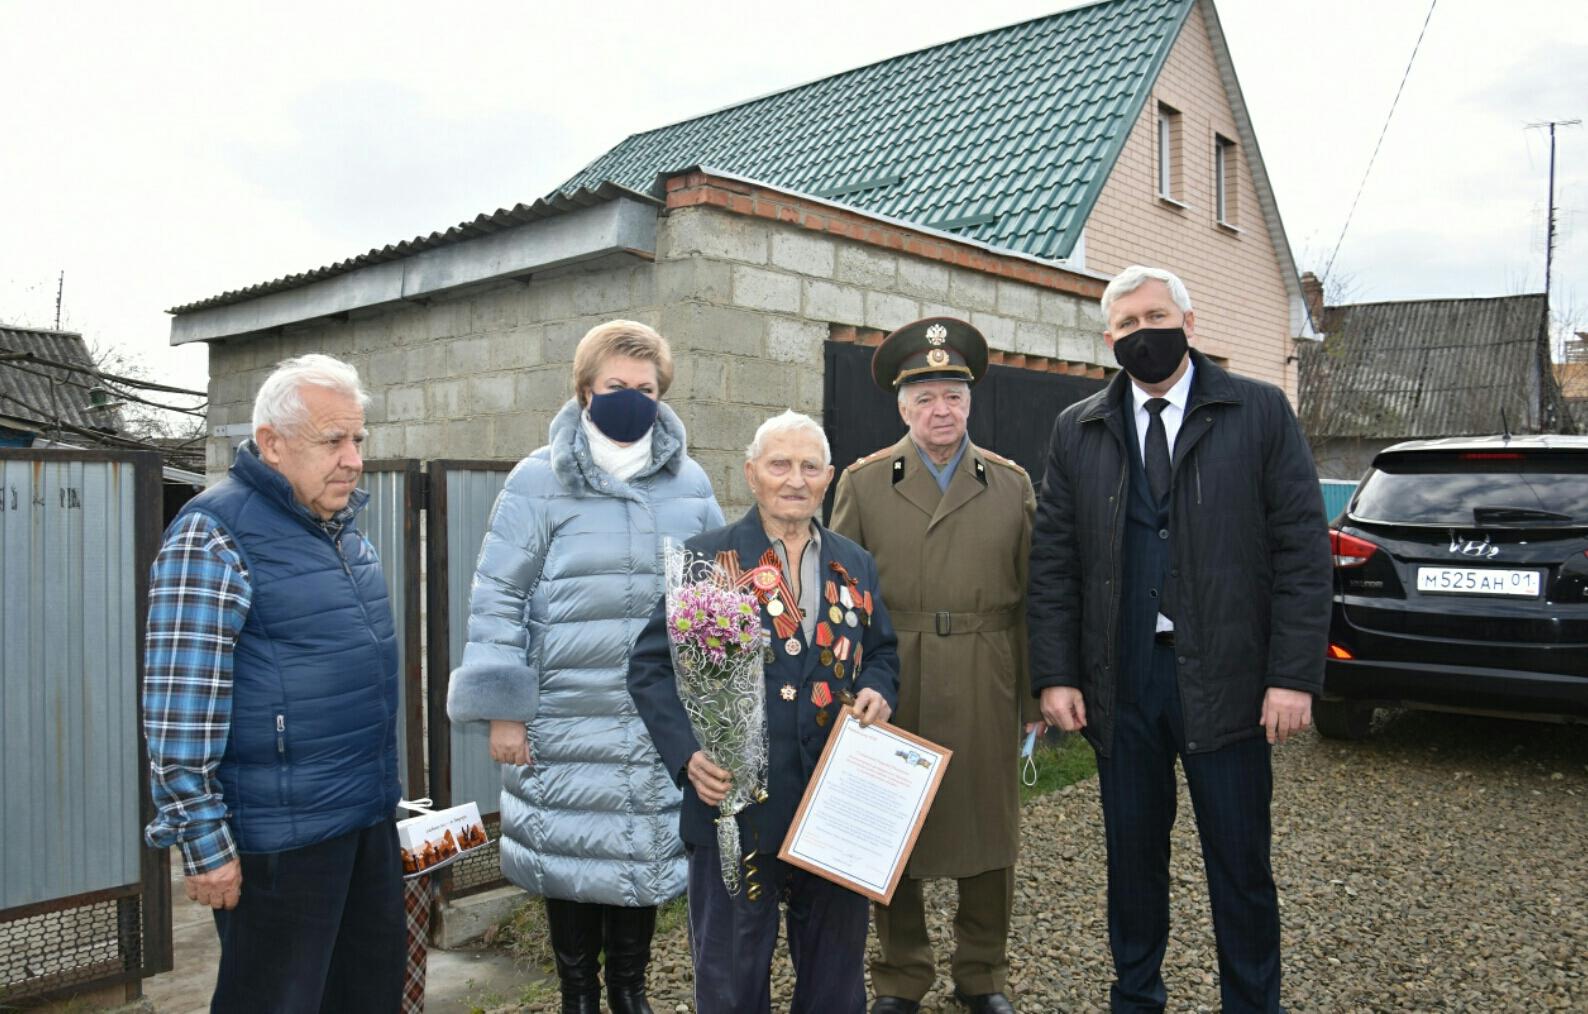 Ветерану войны исполнилось 100 лет!